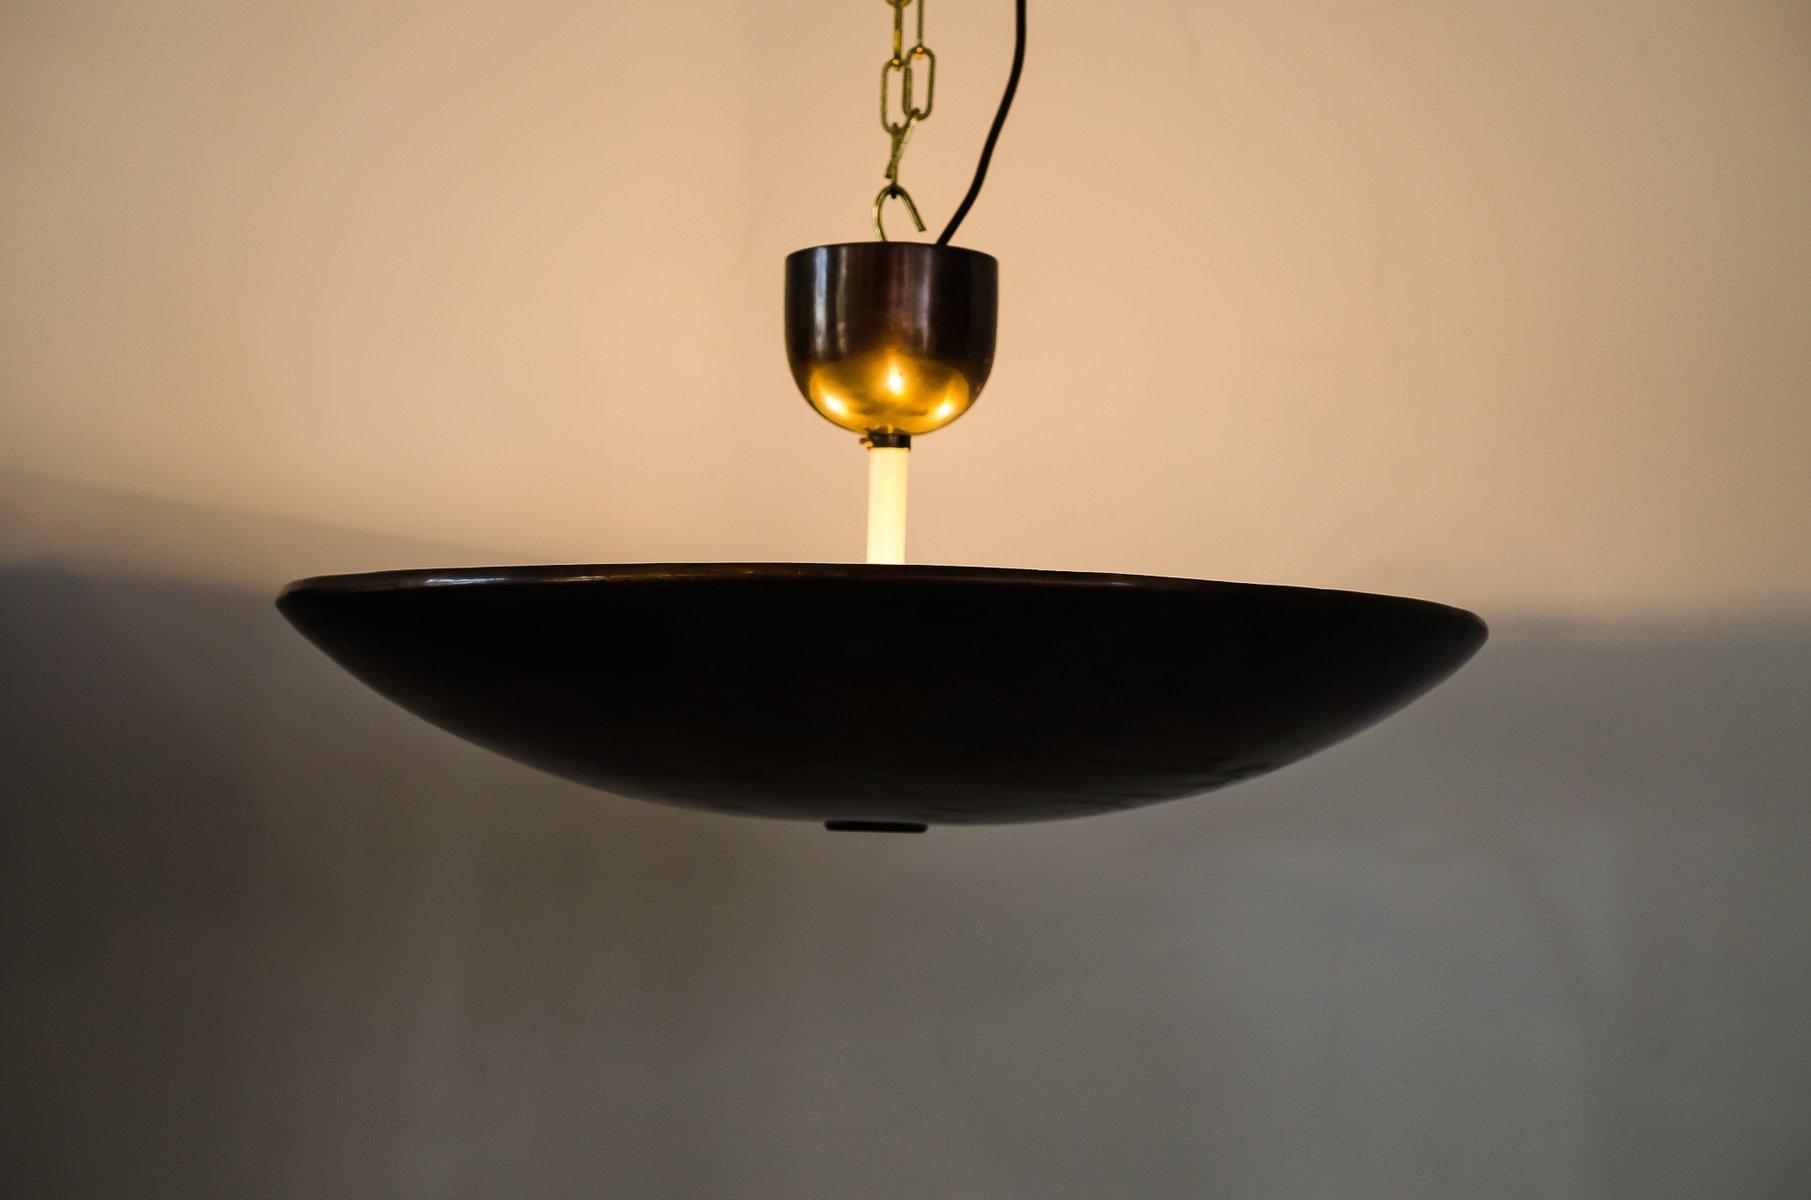 Lampade Da Soffitto Di Design : Lampada da soffitto di kalmar anni in vendita su pamono